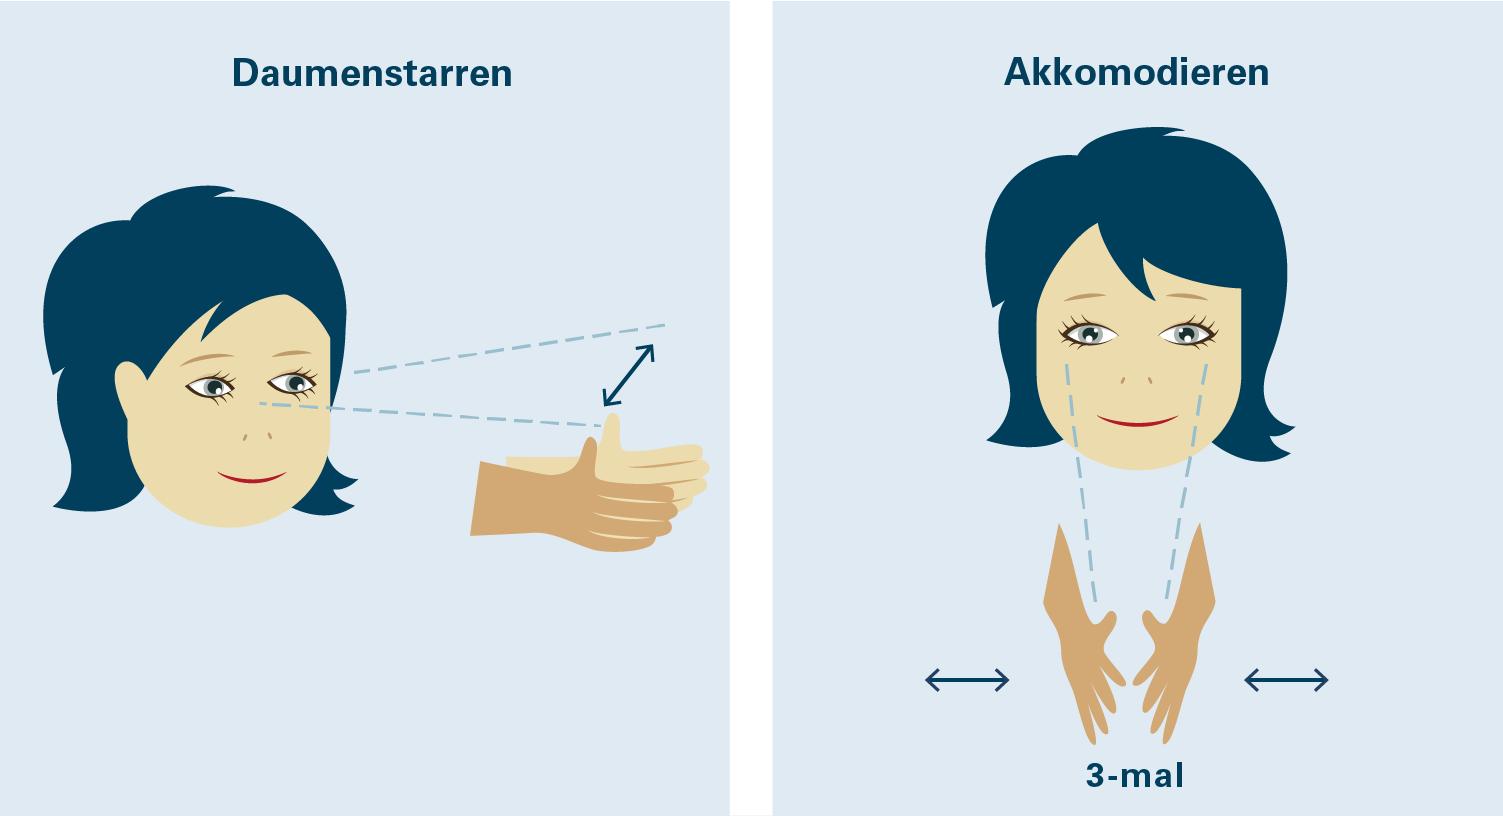 Augentraining schematisch dargestellt - Daumenstarren und Akkomodieren.